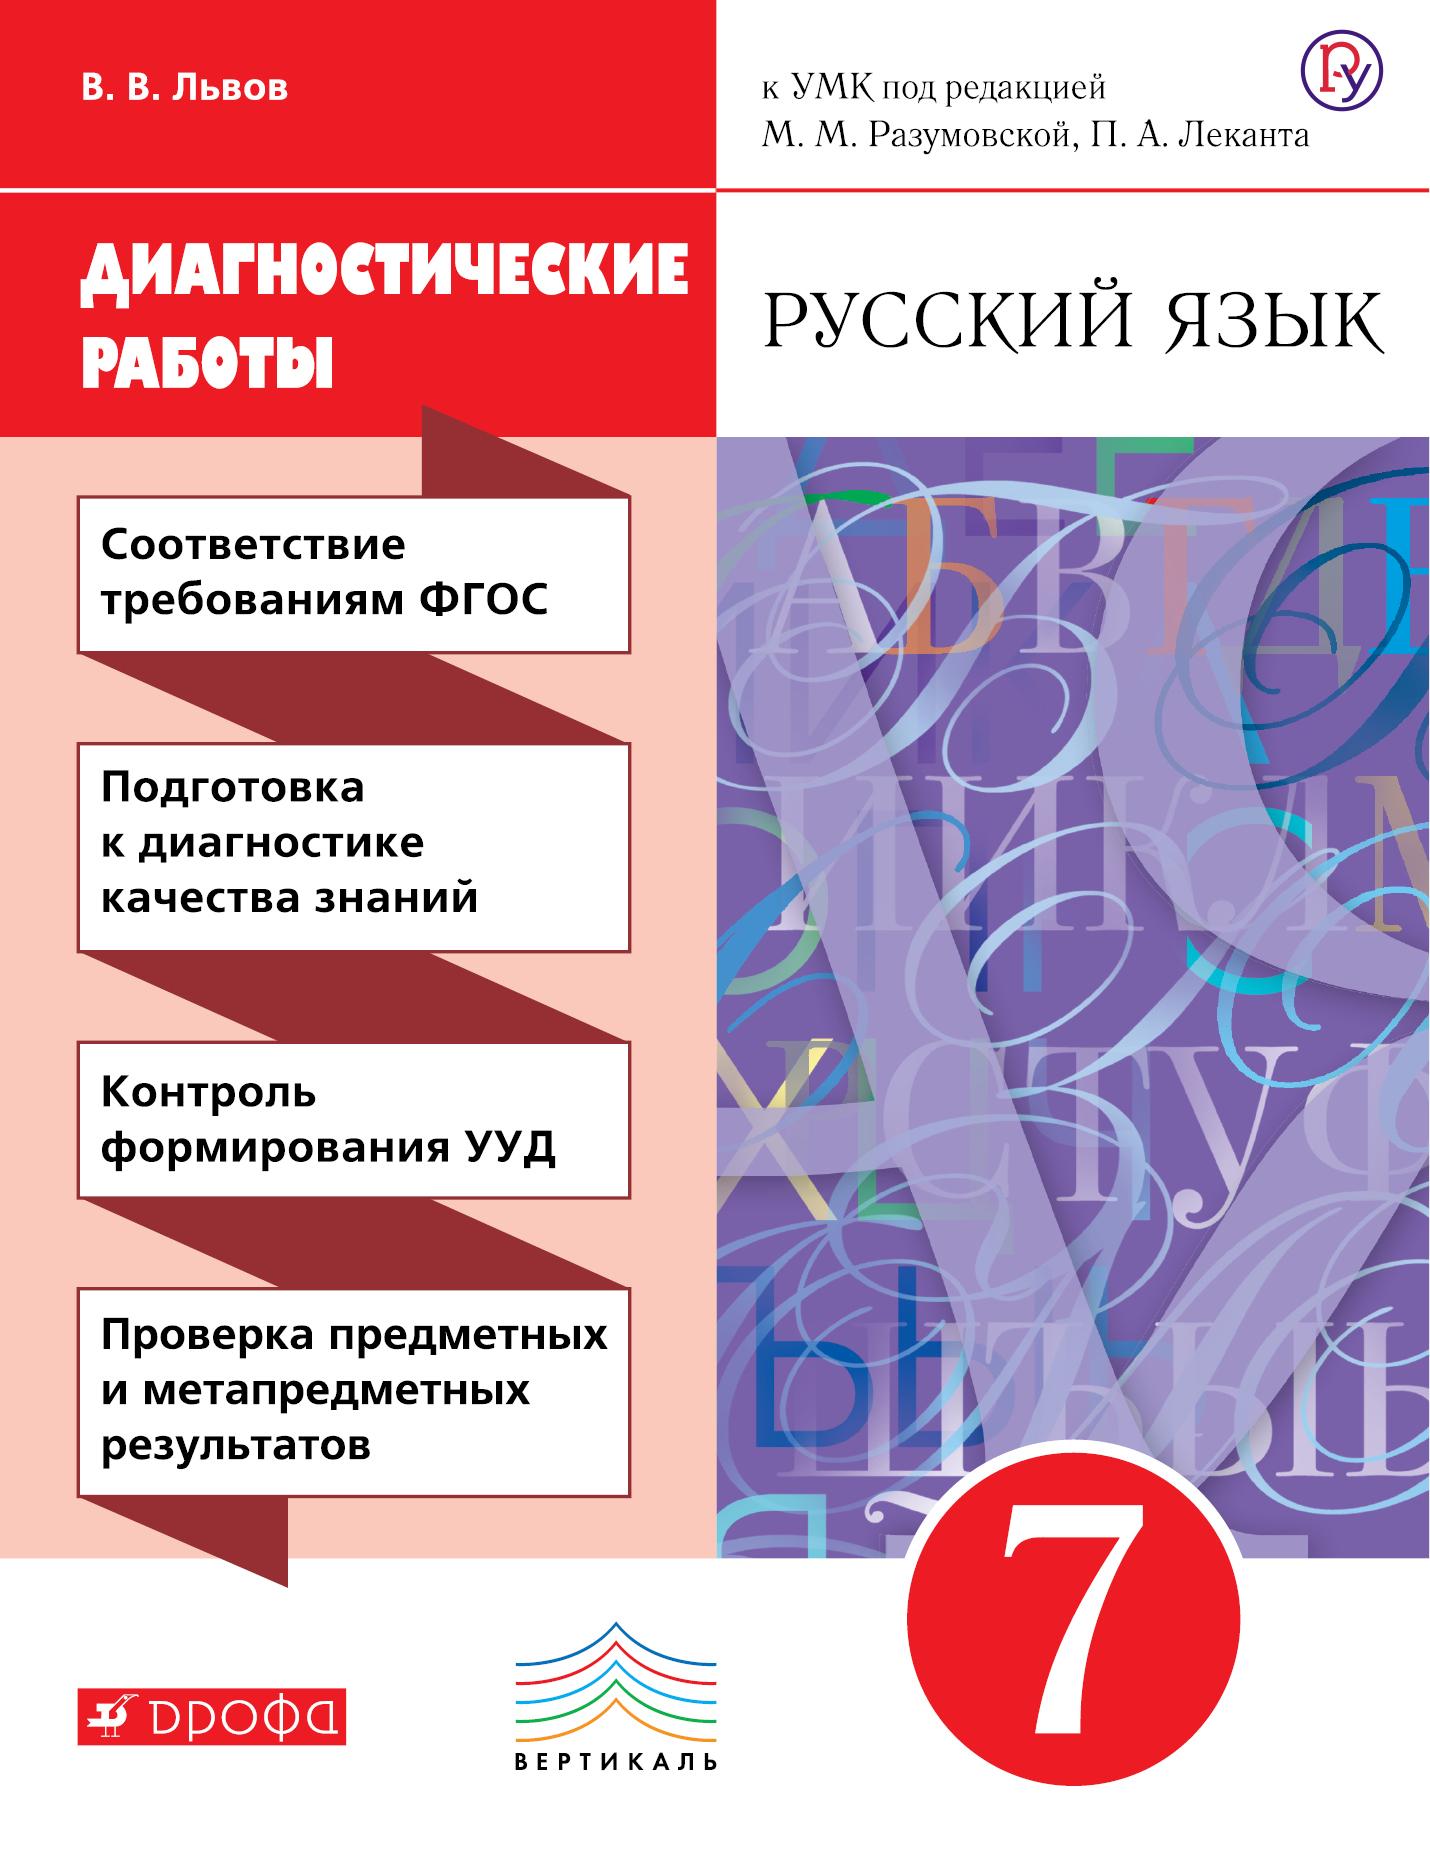 Русский язык. 7 класс. Рабочая тетрадь (диагностические работы) ( Львов В.В.  )